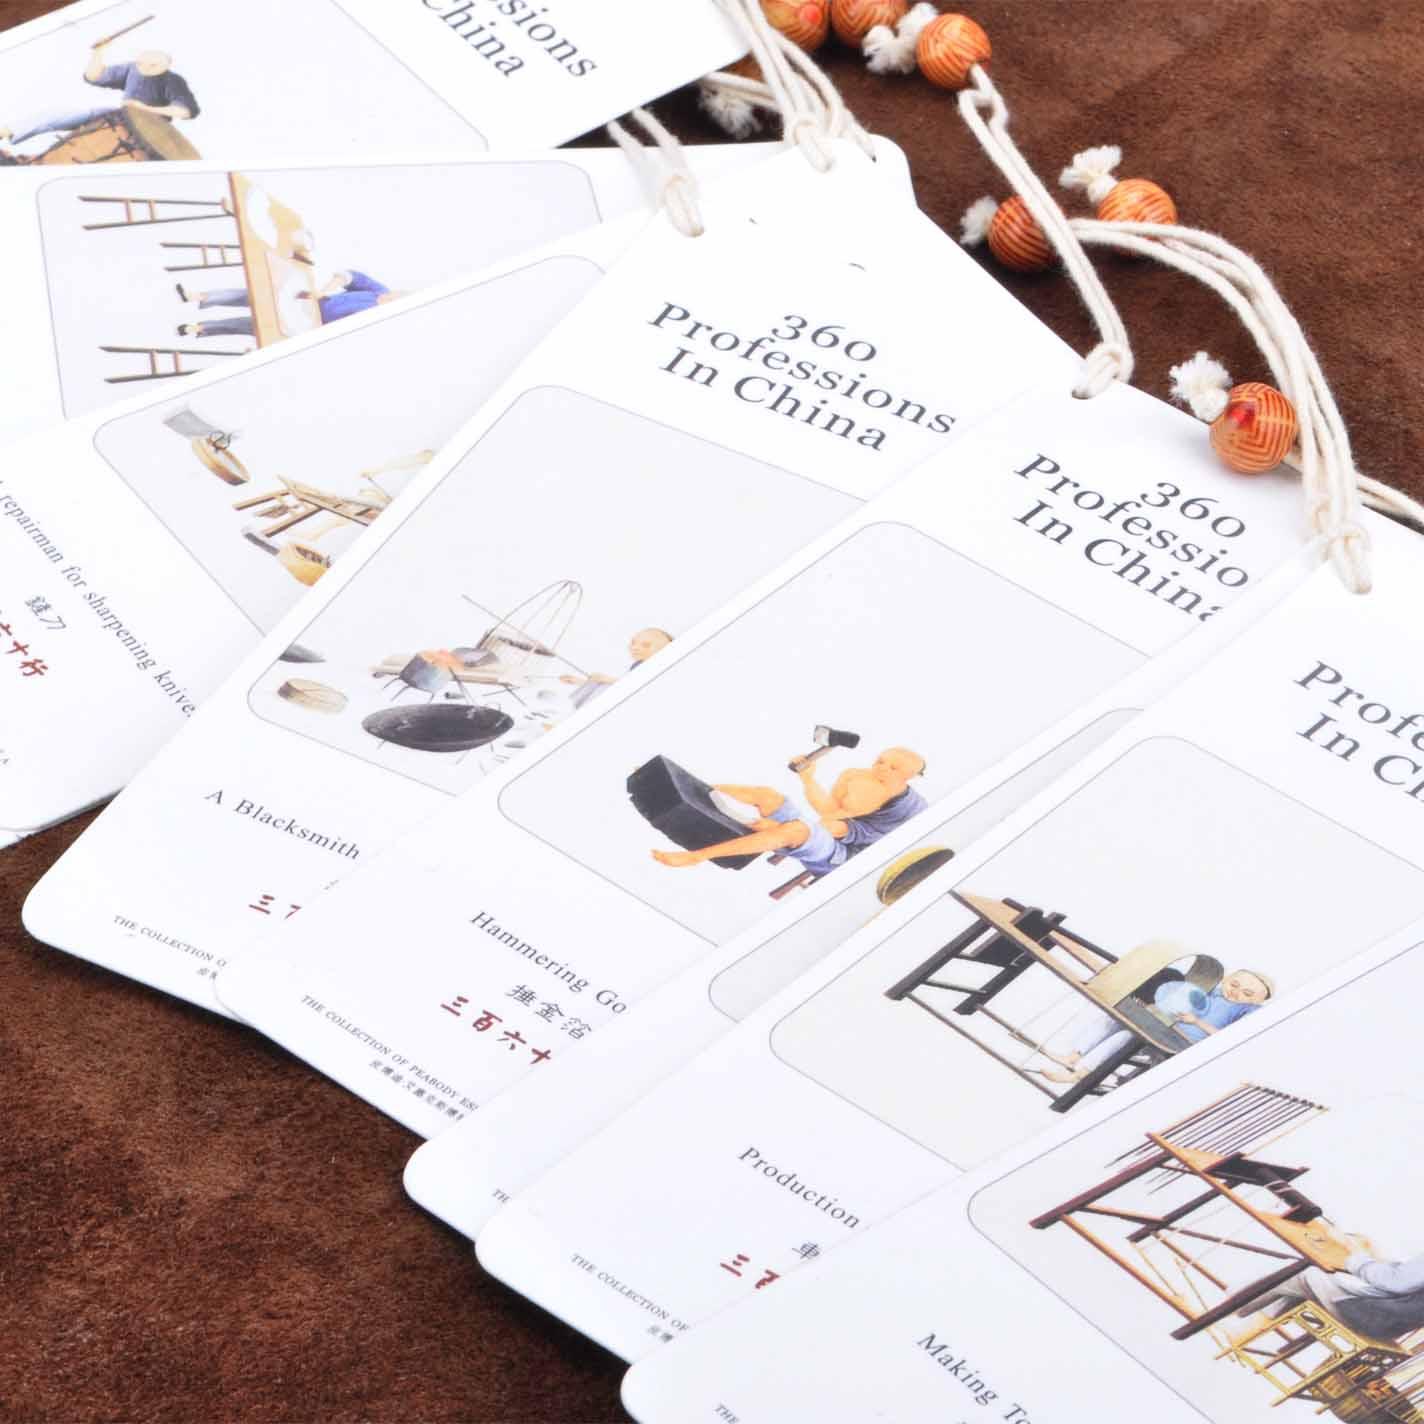 High-end-custom karton lesezeichen student geschenke auswärtige angelegenheiten geschenke kreative klassischen stil